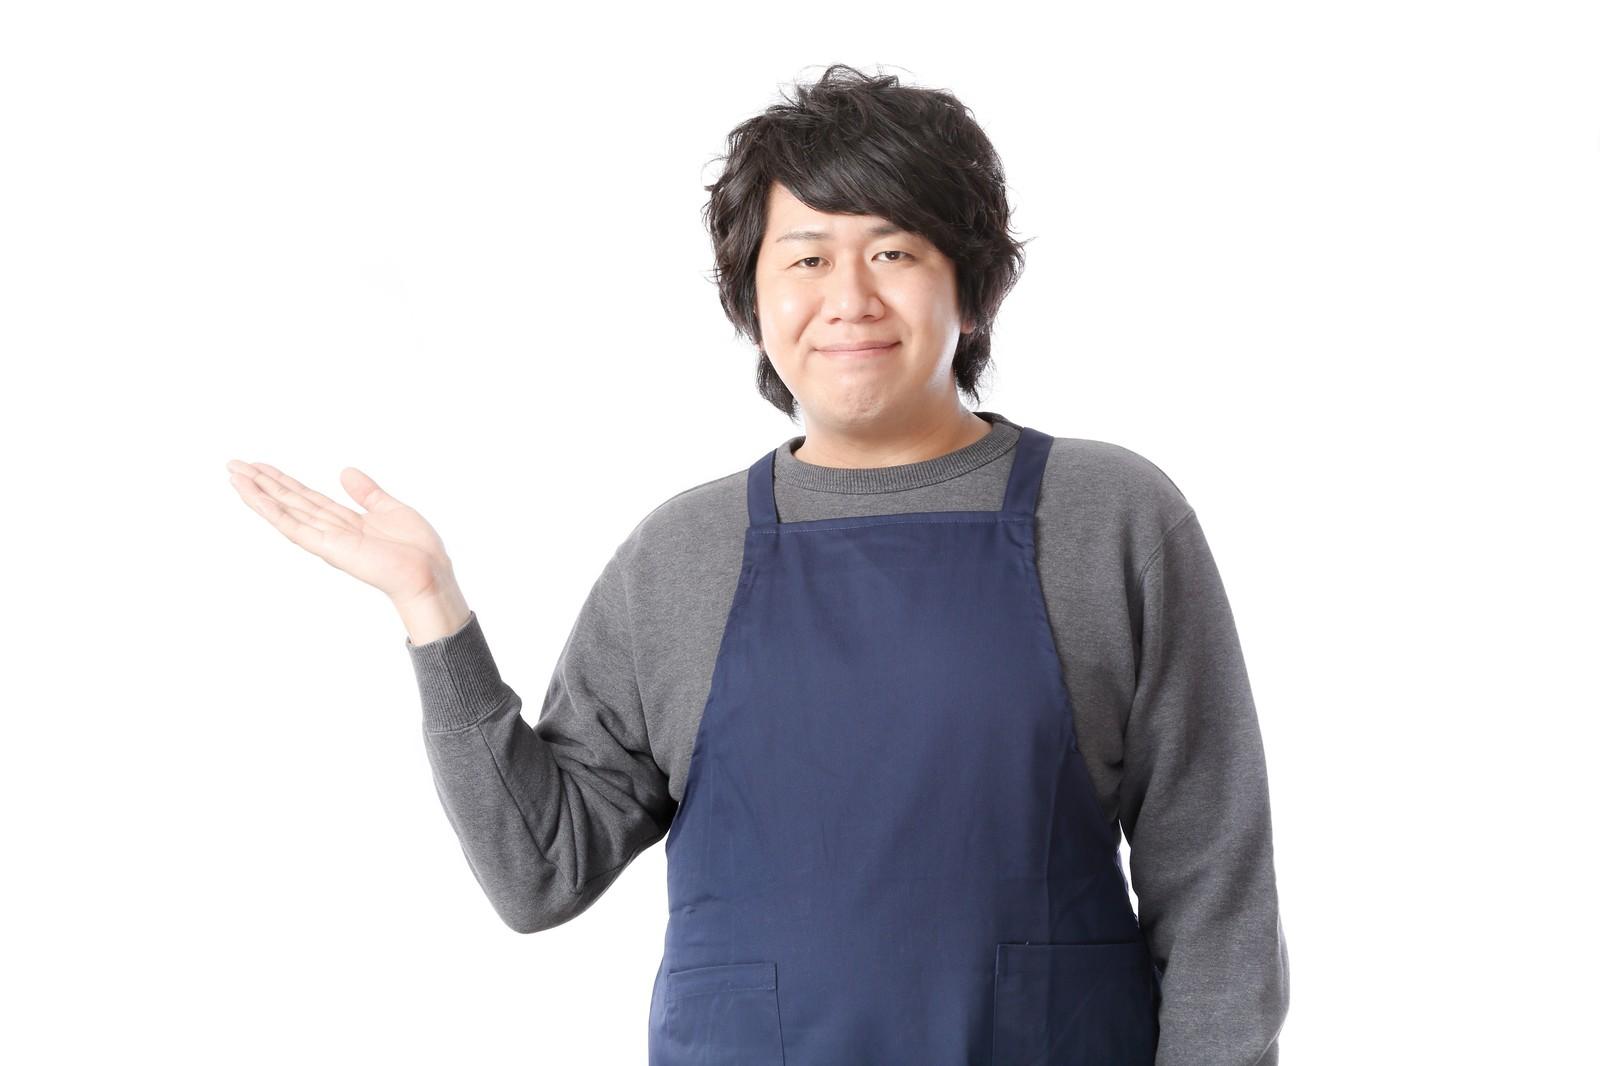 和田竜人 北澤ひさし 同一人物 画像